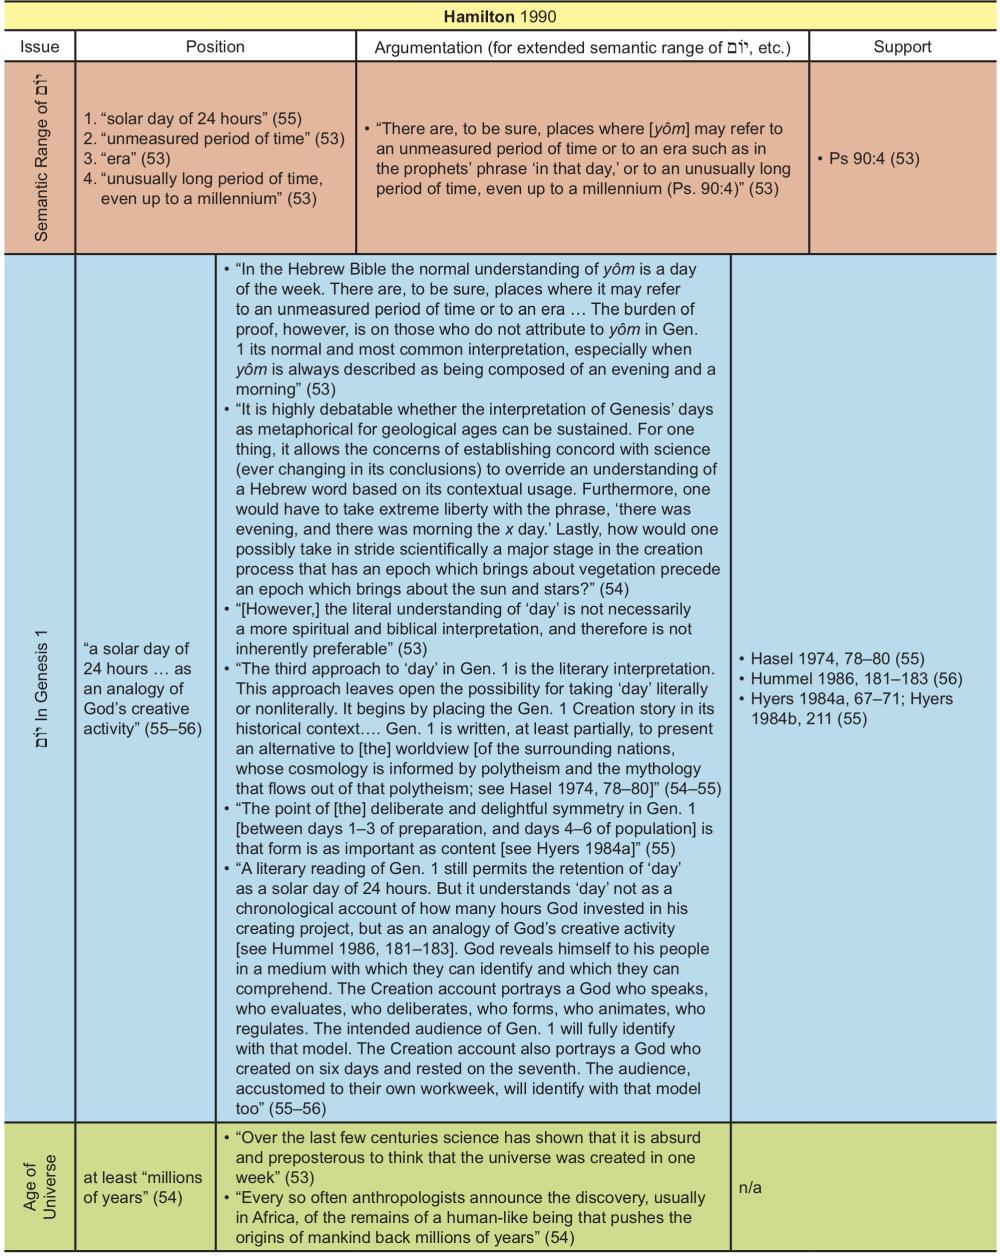 Appendix Table 16